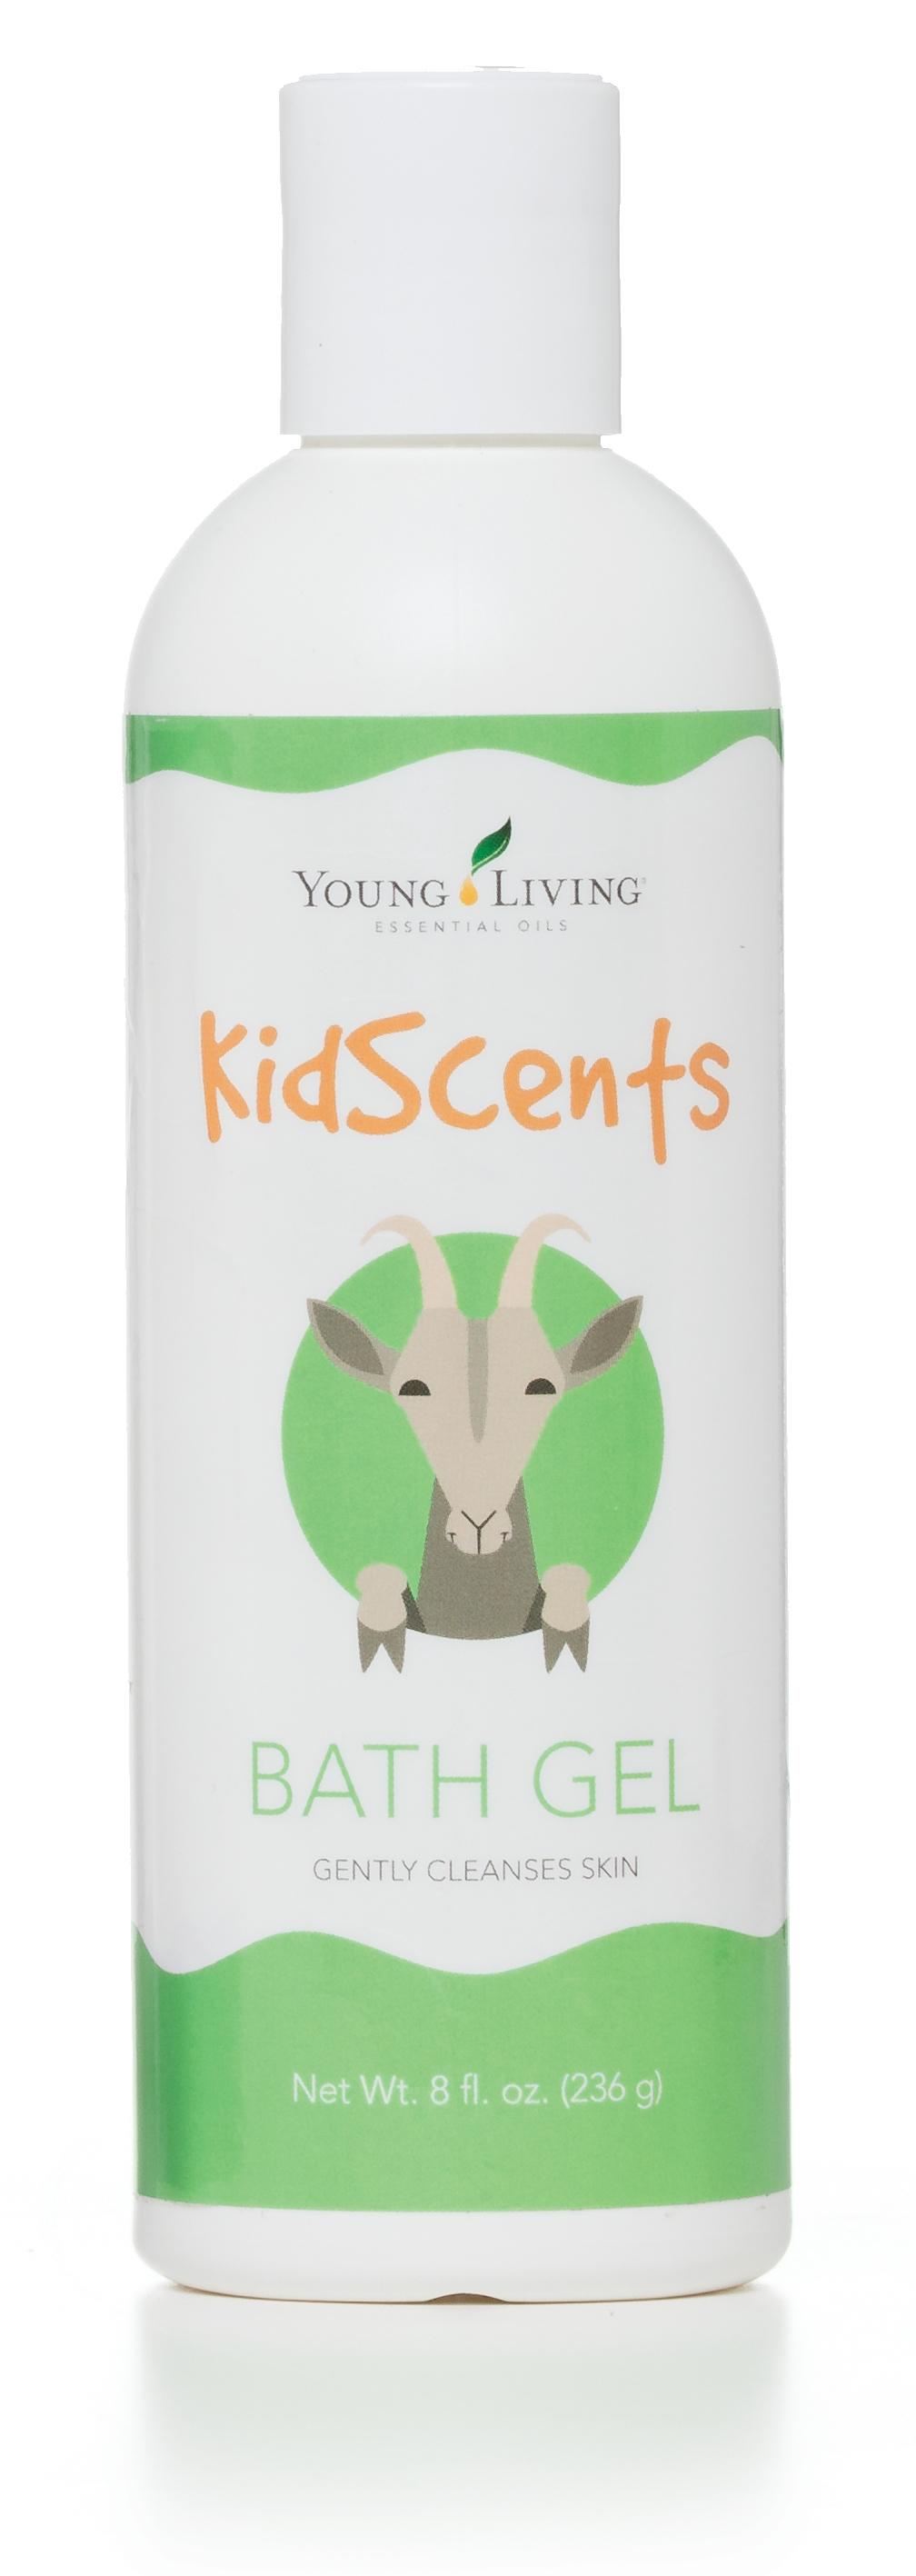 Kidscents Bath Gel.jpg